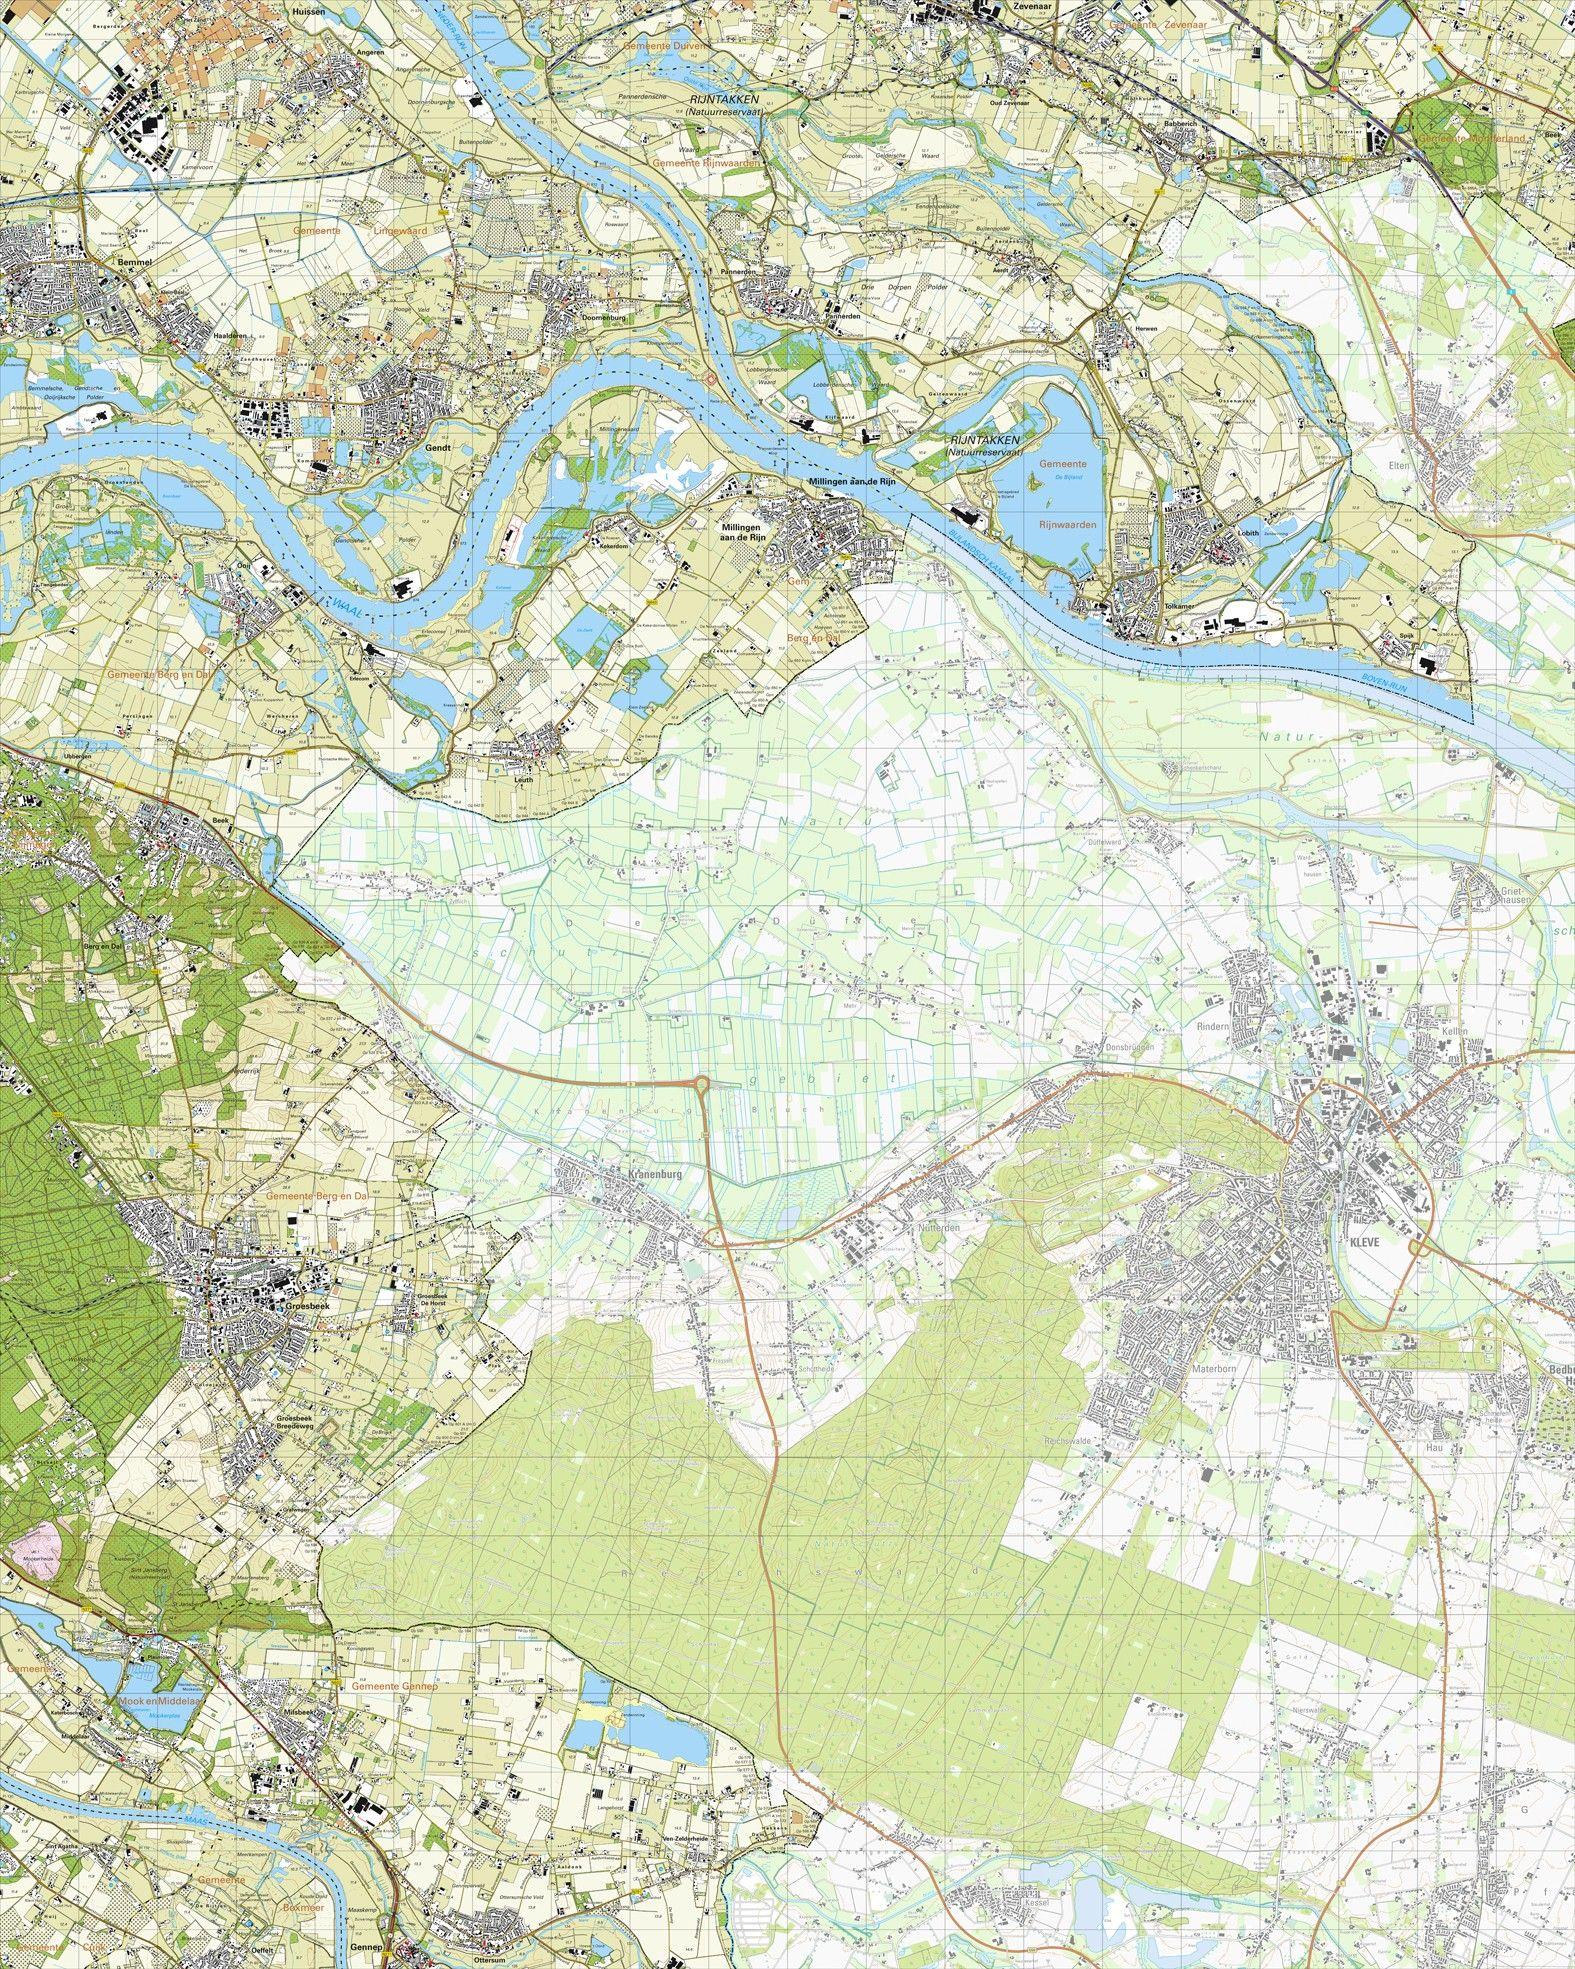 Topografische kaart schaal 1:25.000 (Millingen aan de Rijn, Tolkamer, Gendt, Lobith, Groesbeek)